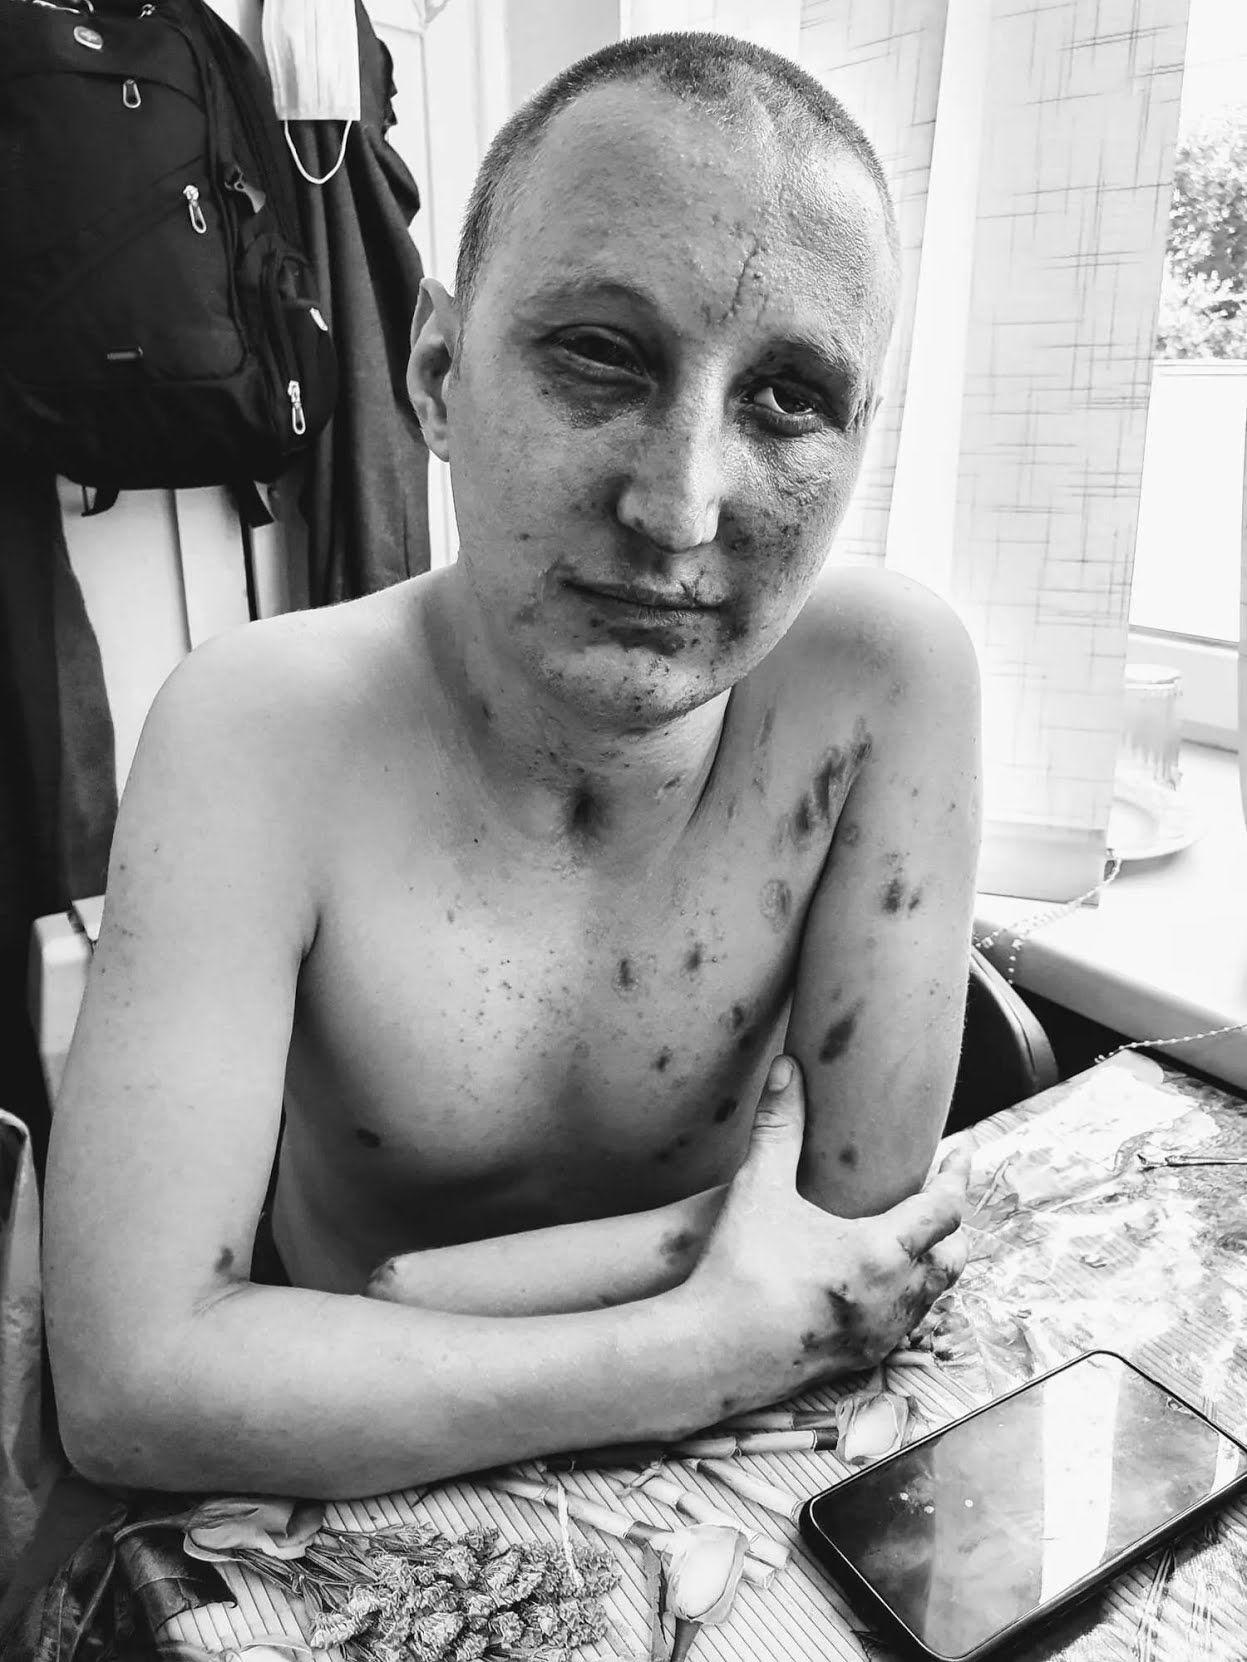 Лікування Віталія після поранення триває вже 5 місяць. За цей час він жодного разу не був вдома